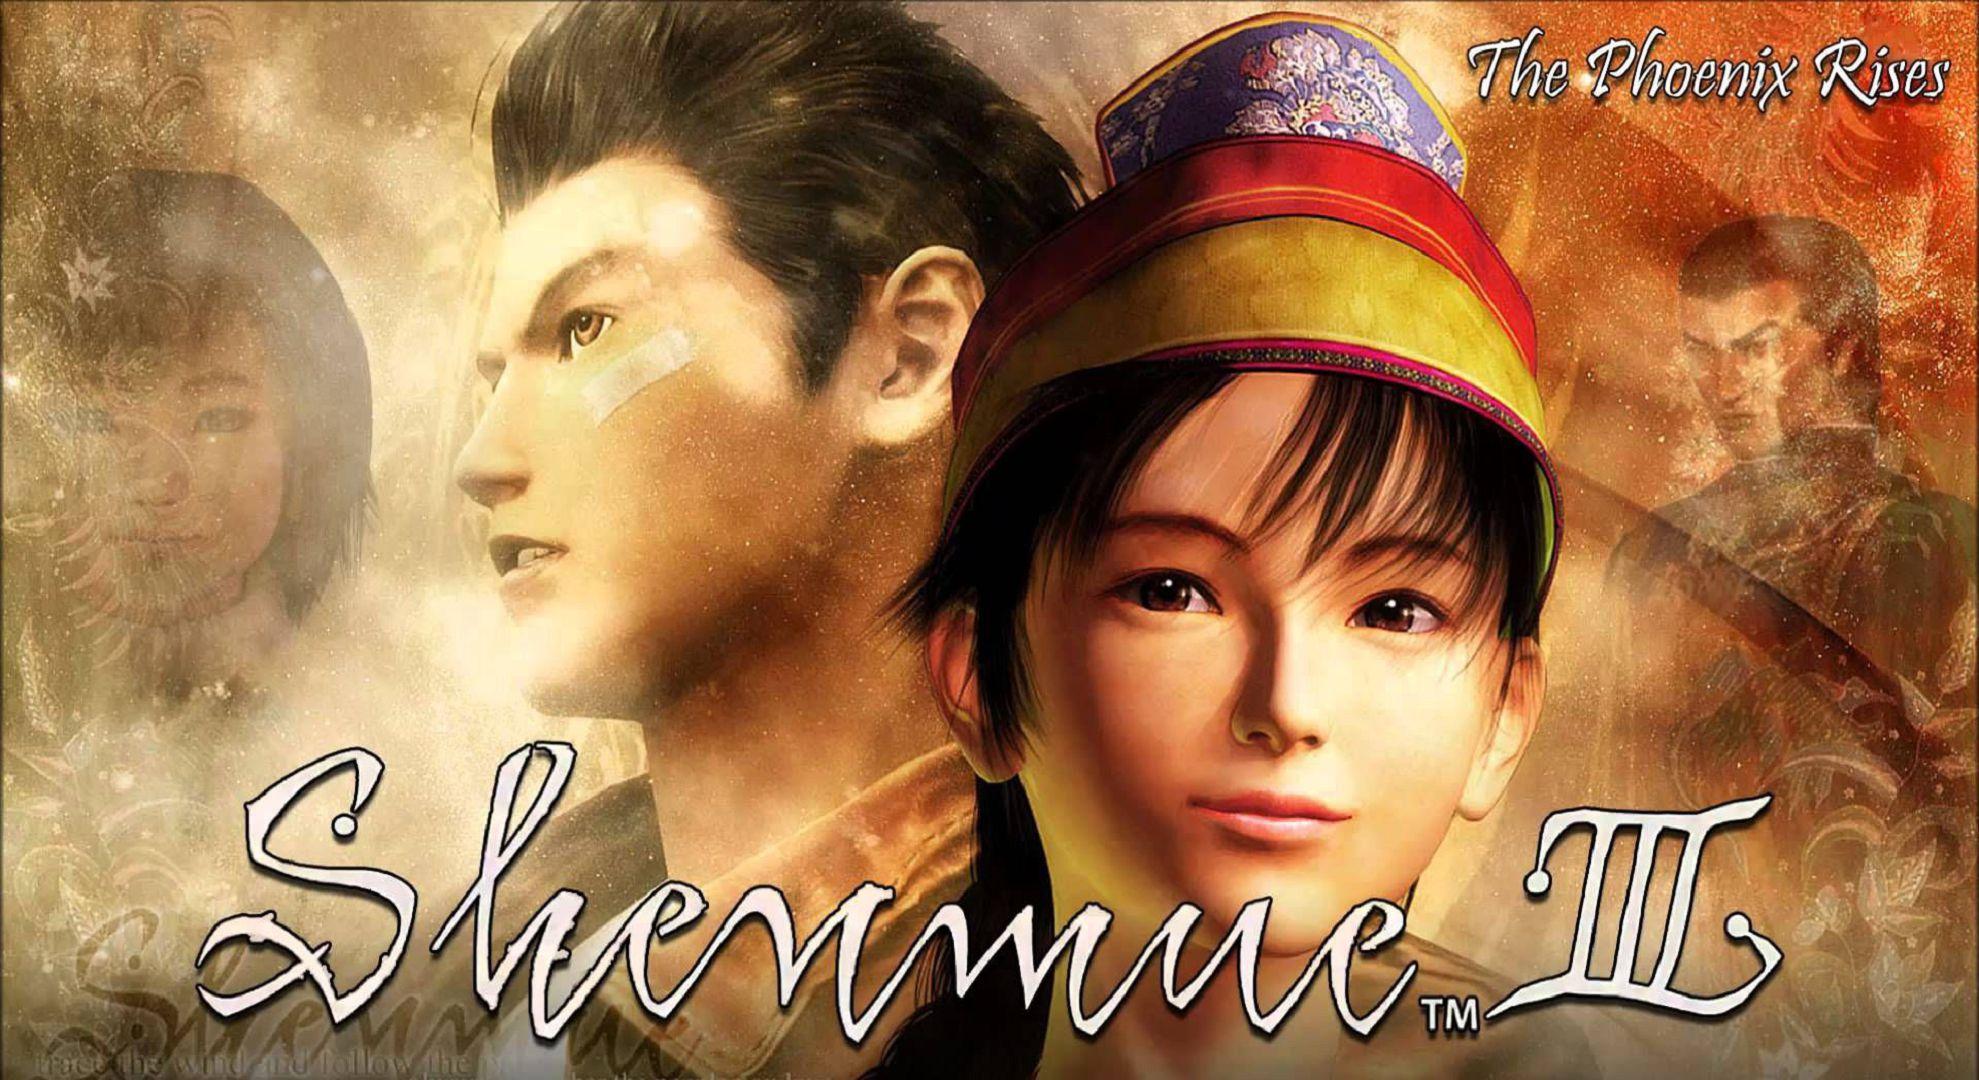 زمان آغاز پیشفروش نسخهی Collector's Edition بازی Shenmue III مشخص شد